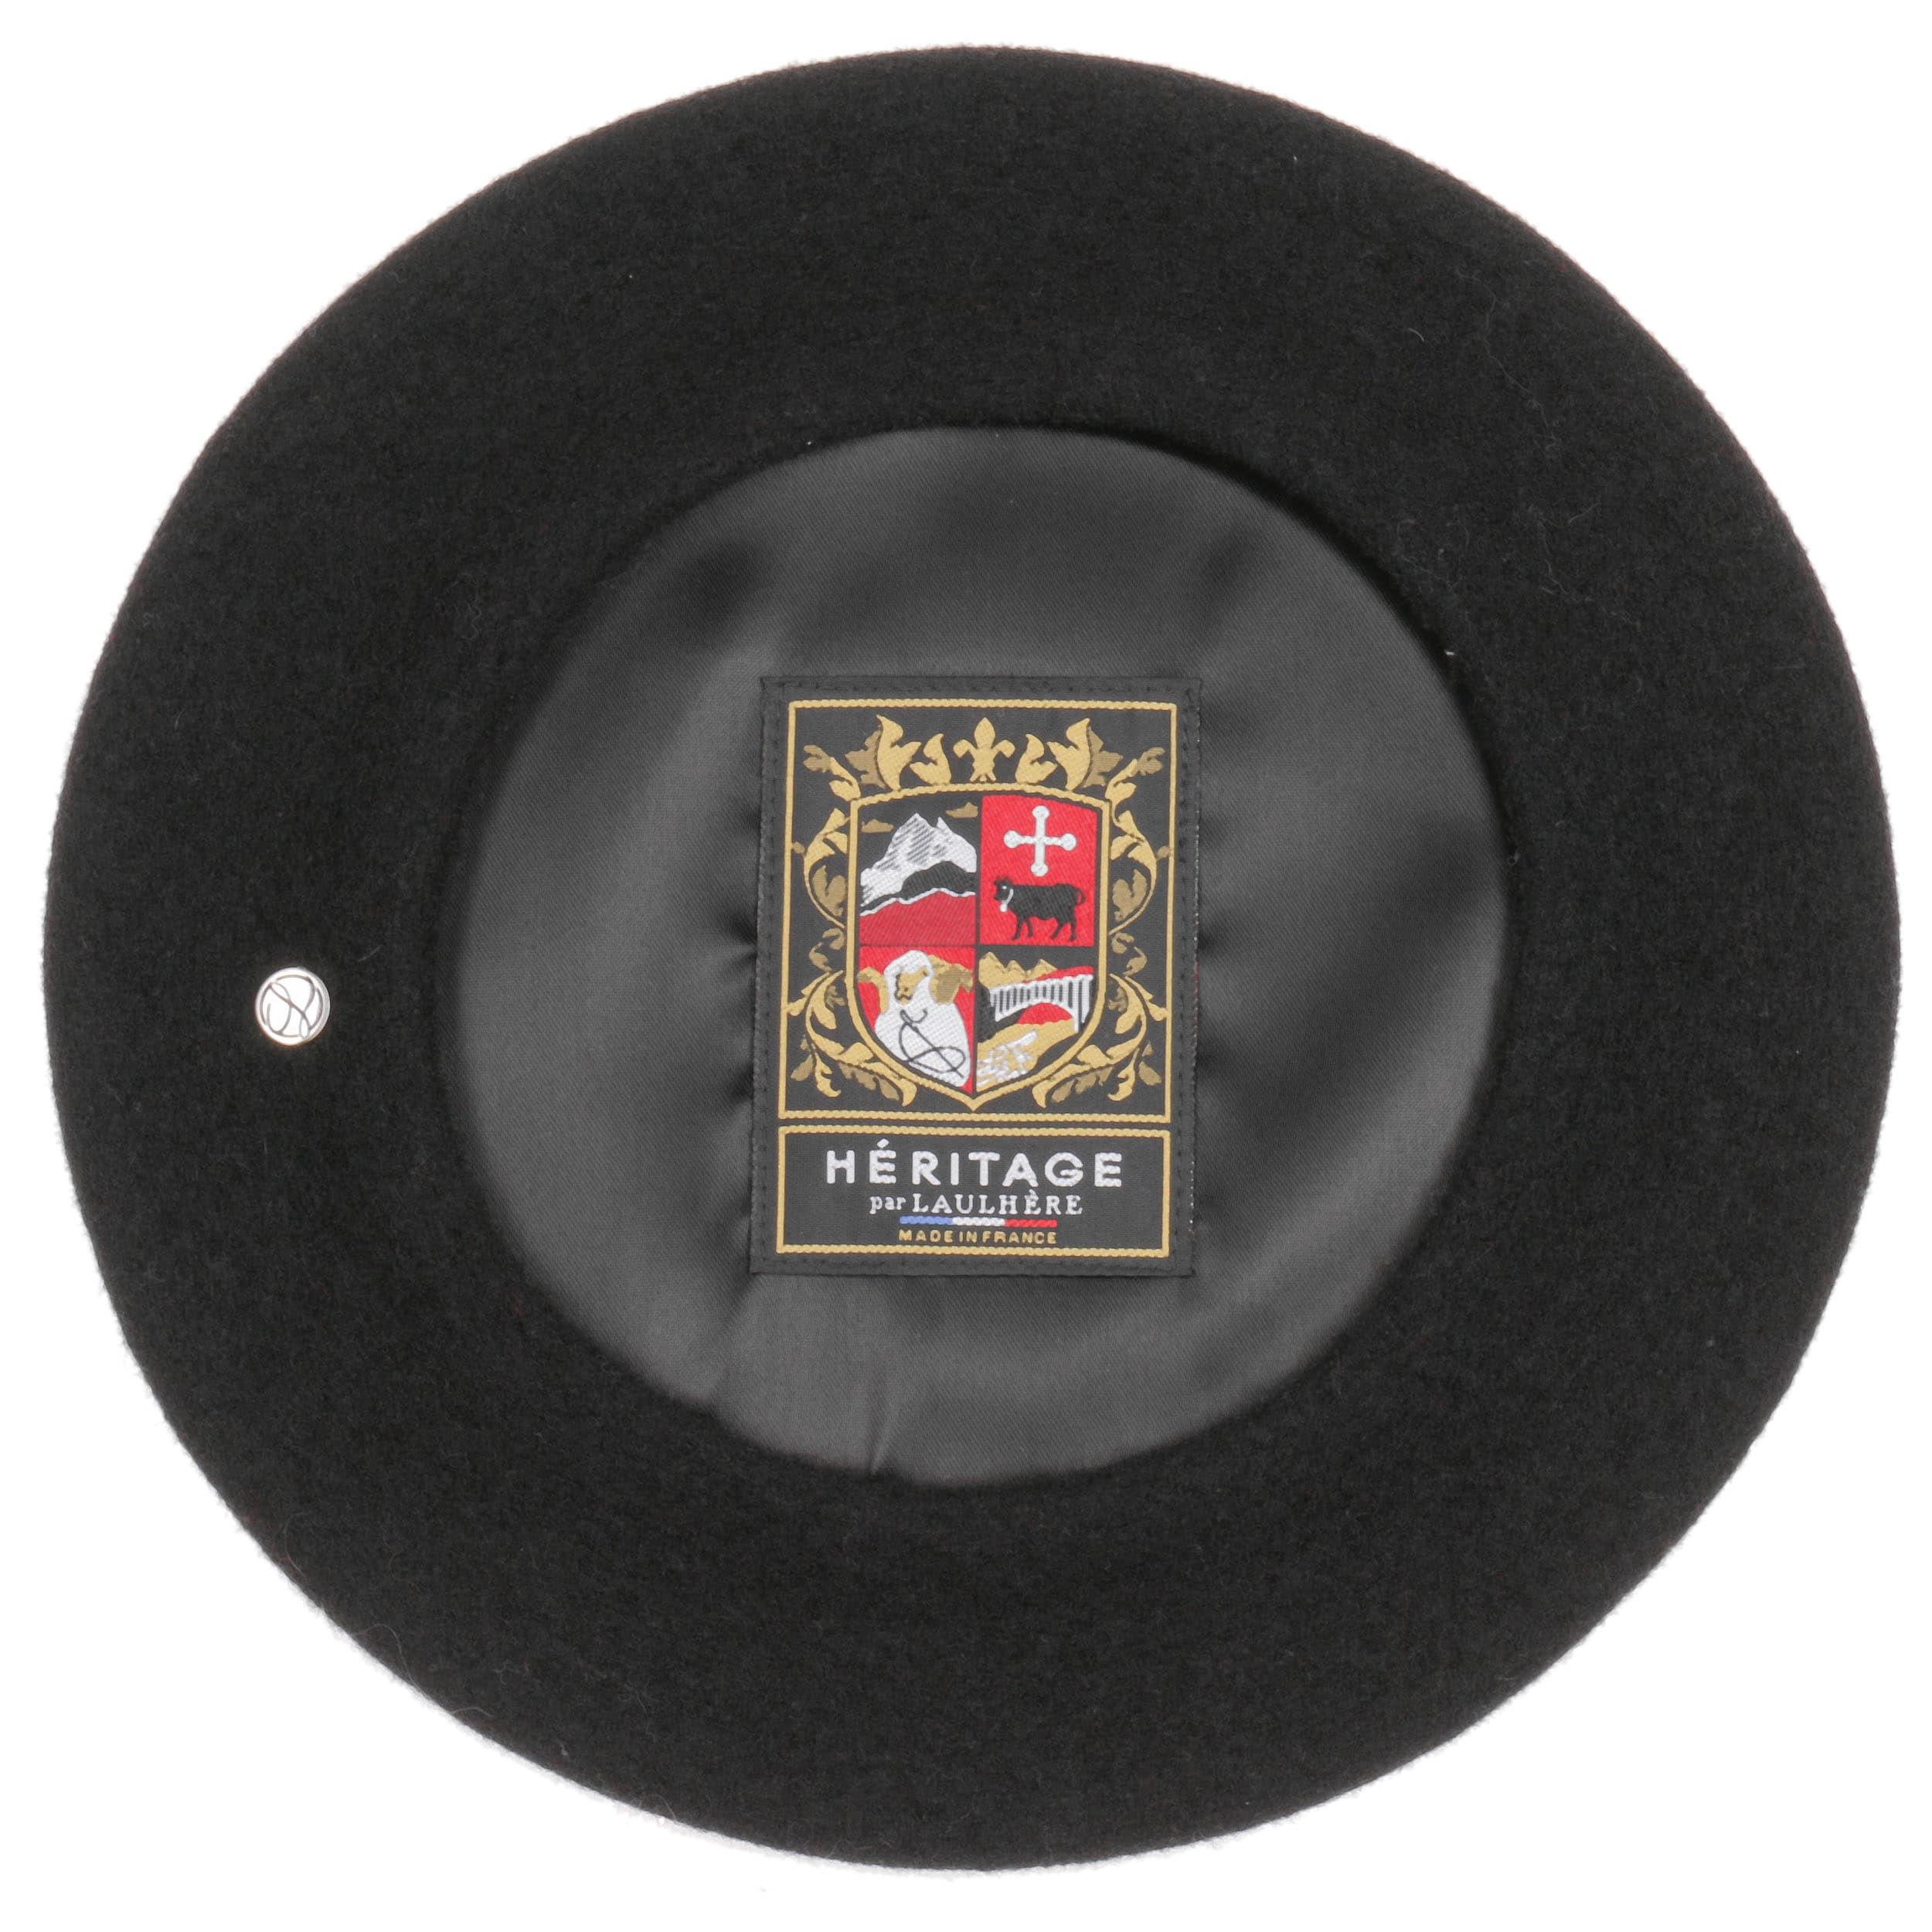 ... Hearts Beret by Héritage par Laulhère - black 2 ... 611c528dfc9